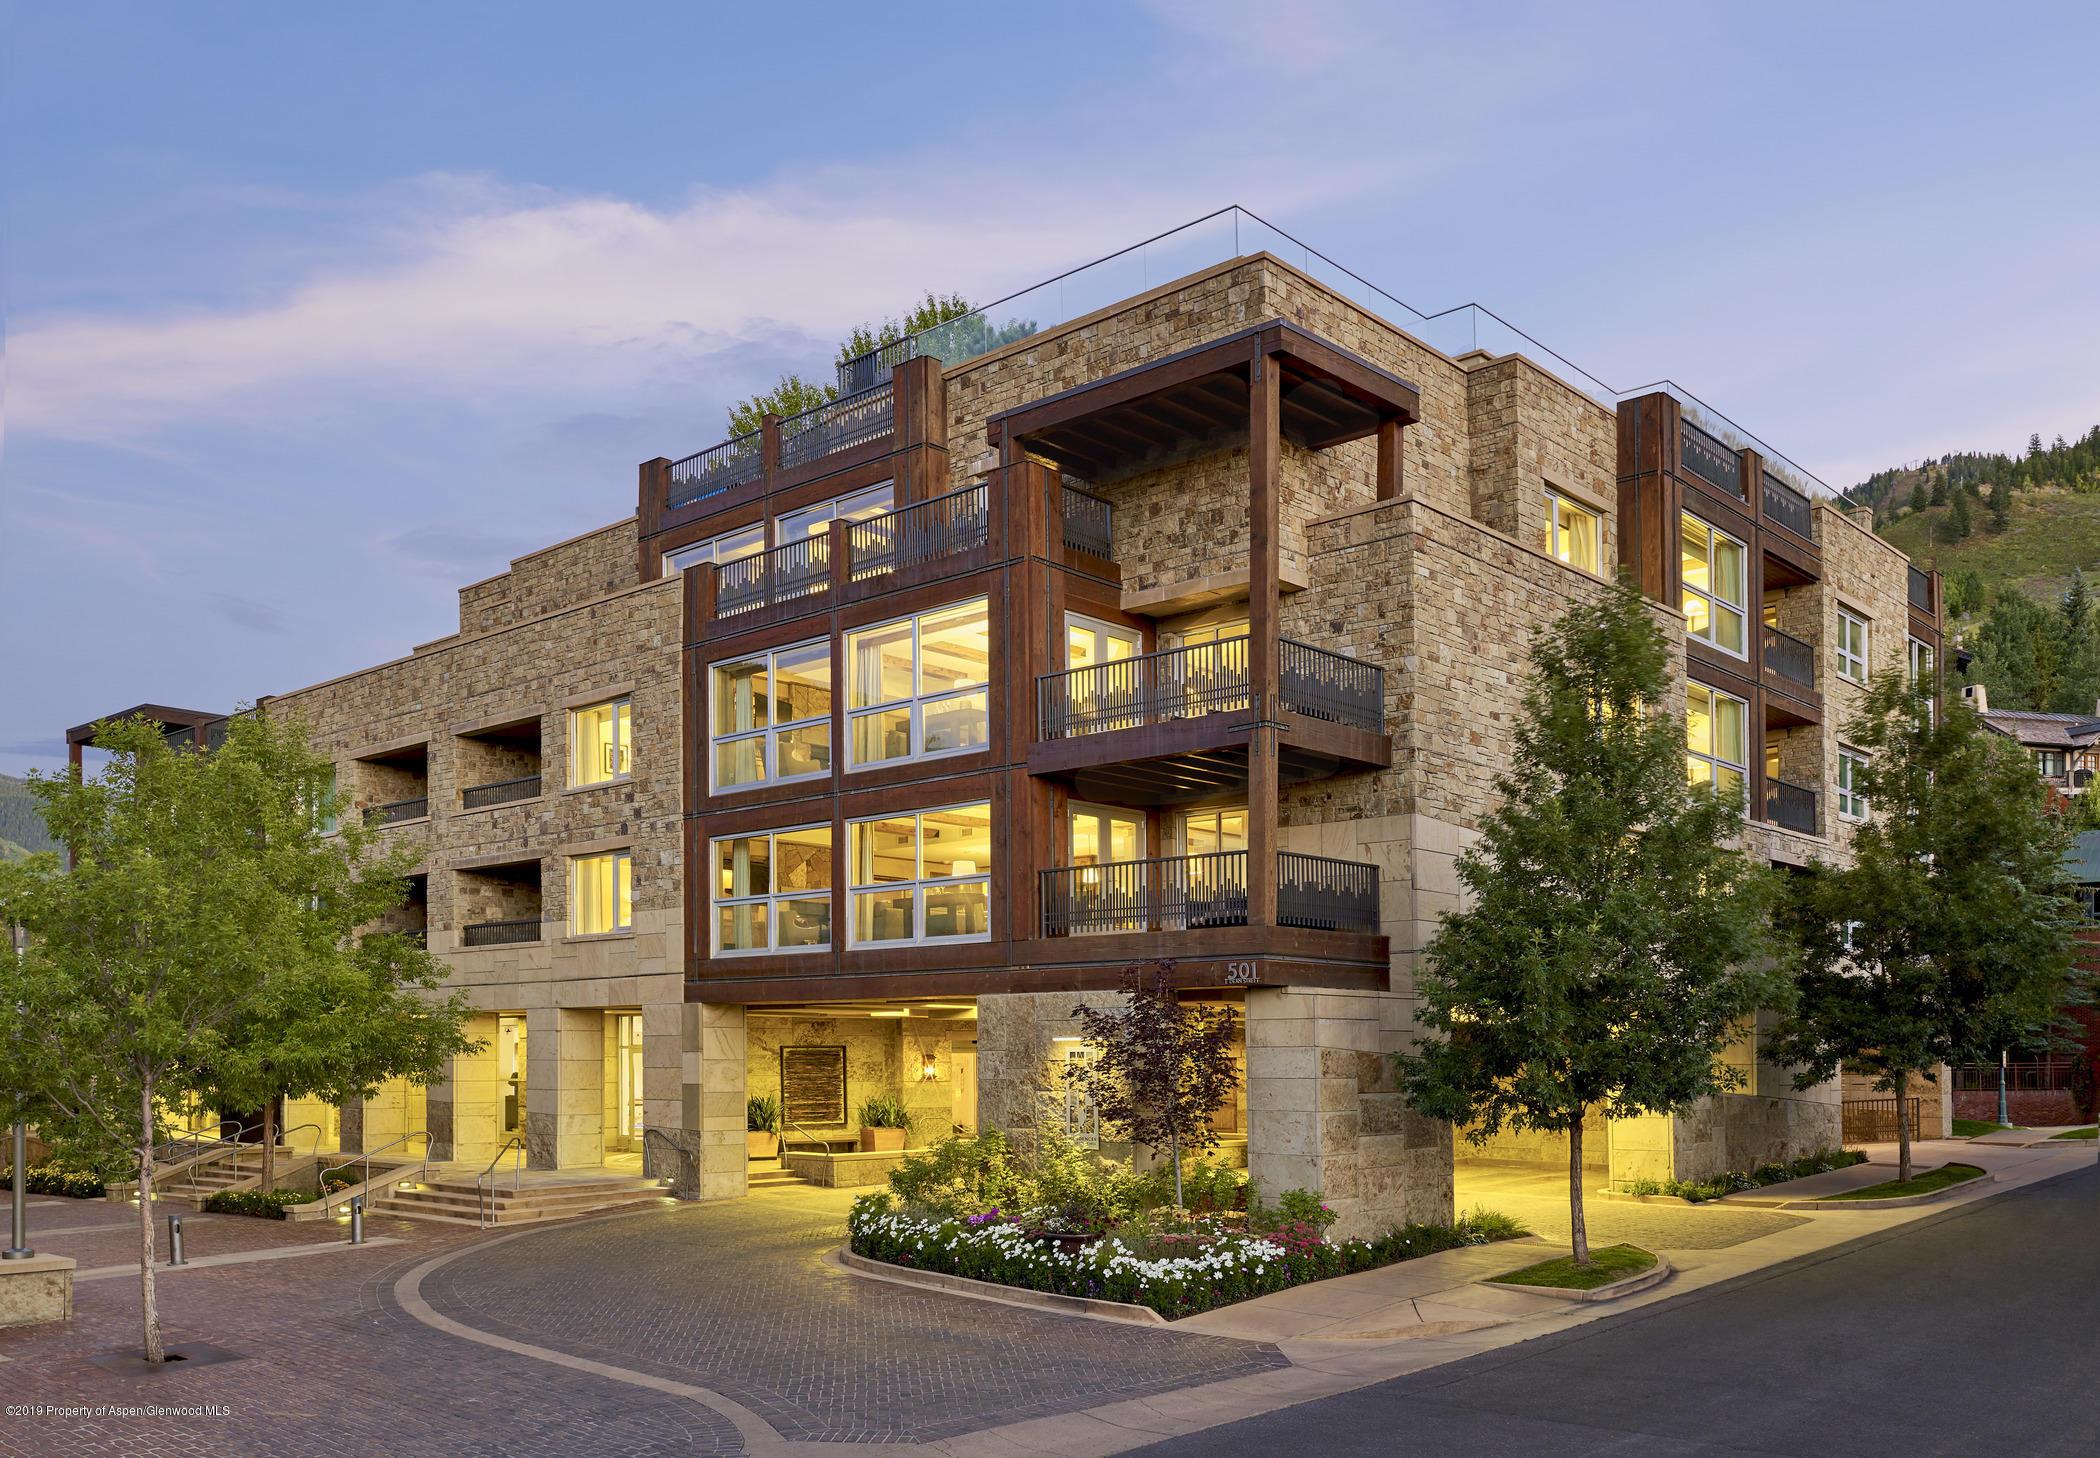 501 E Dean Street - Aspen, Colorado